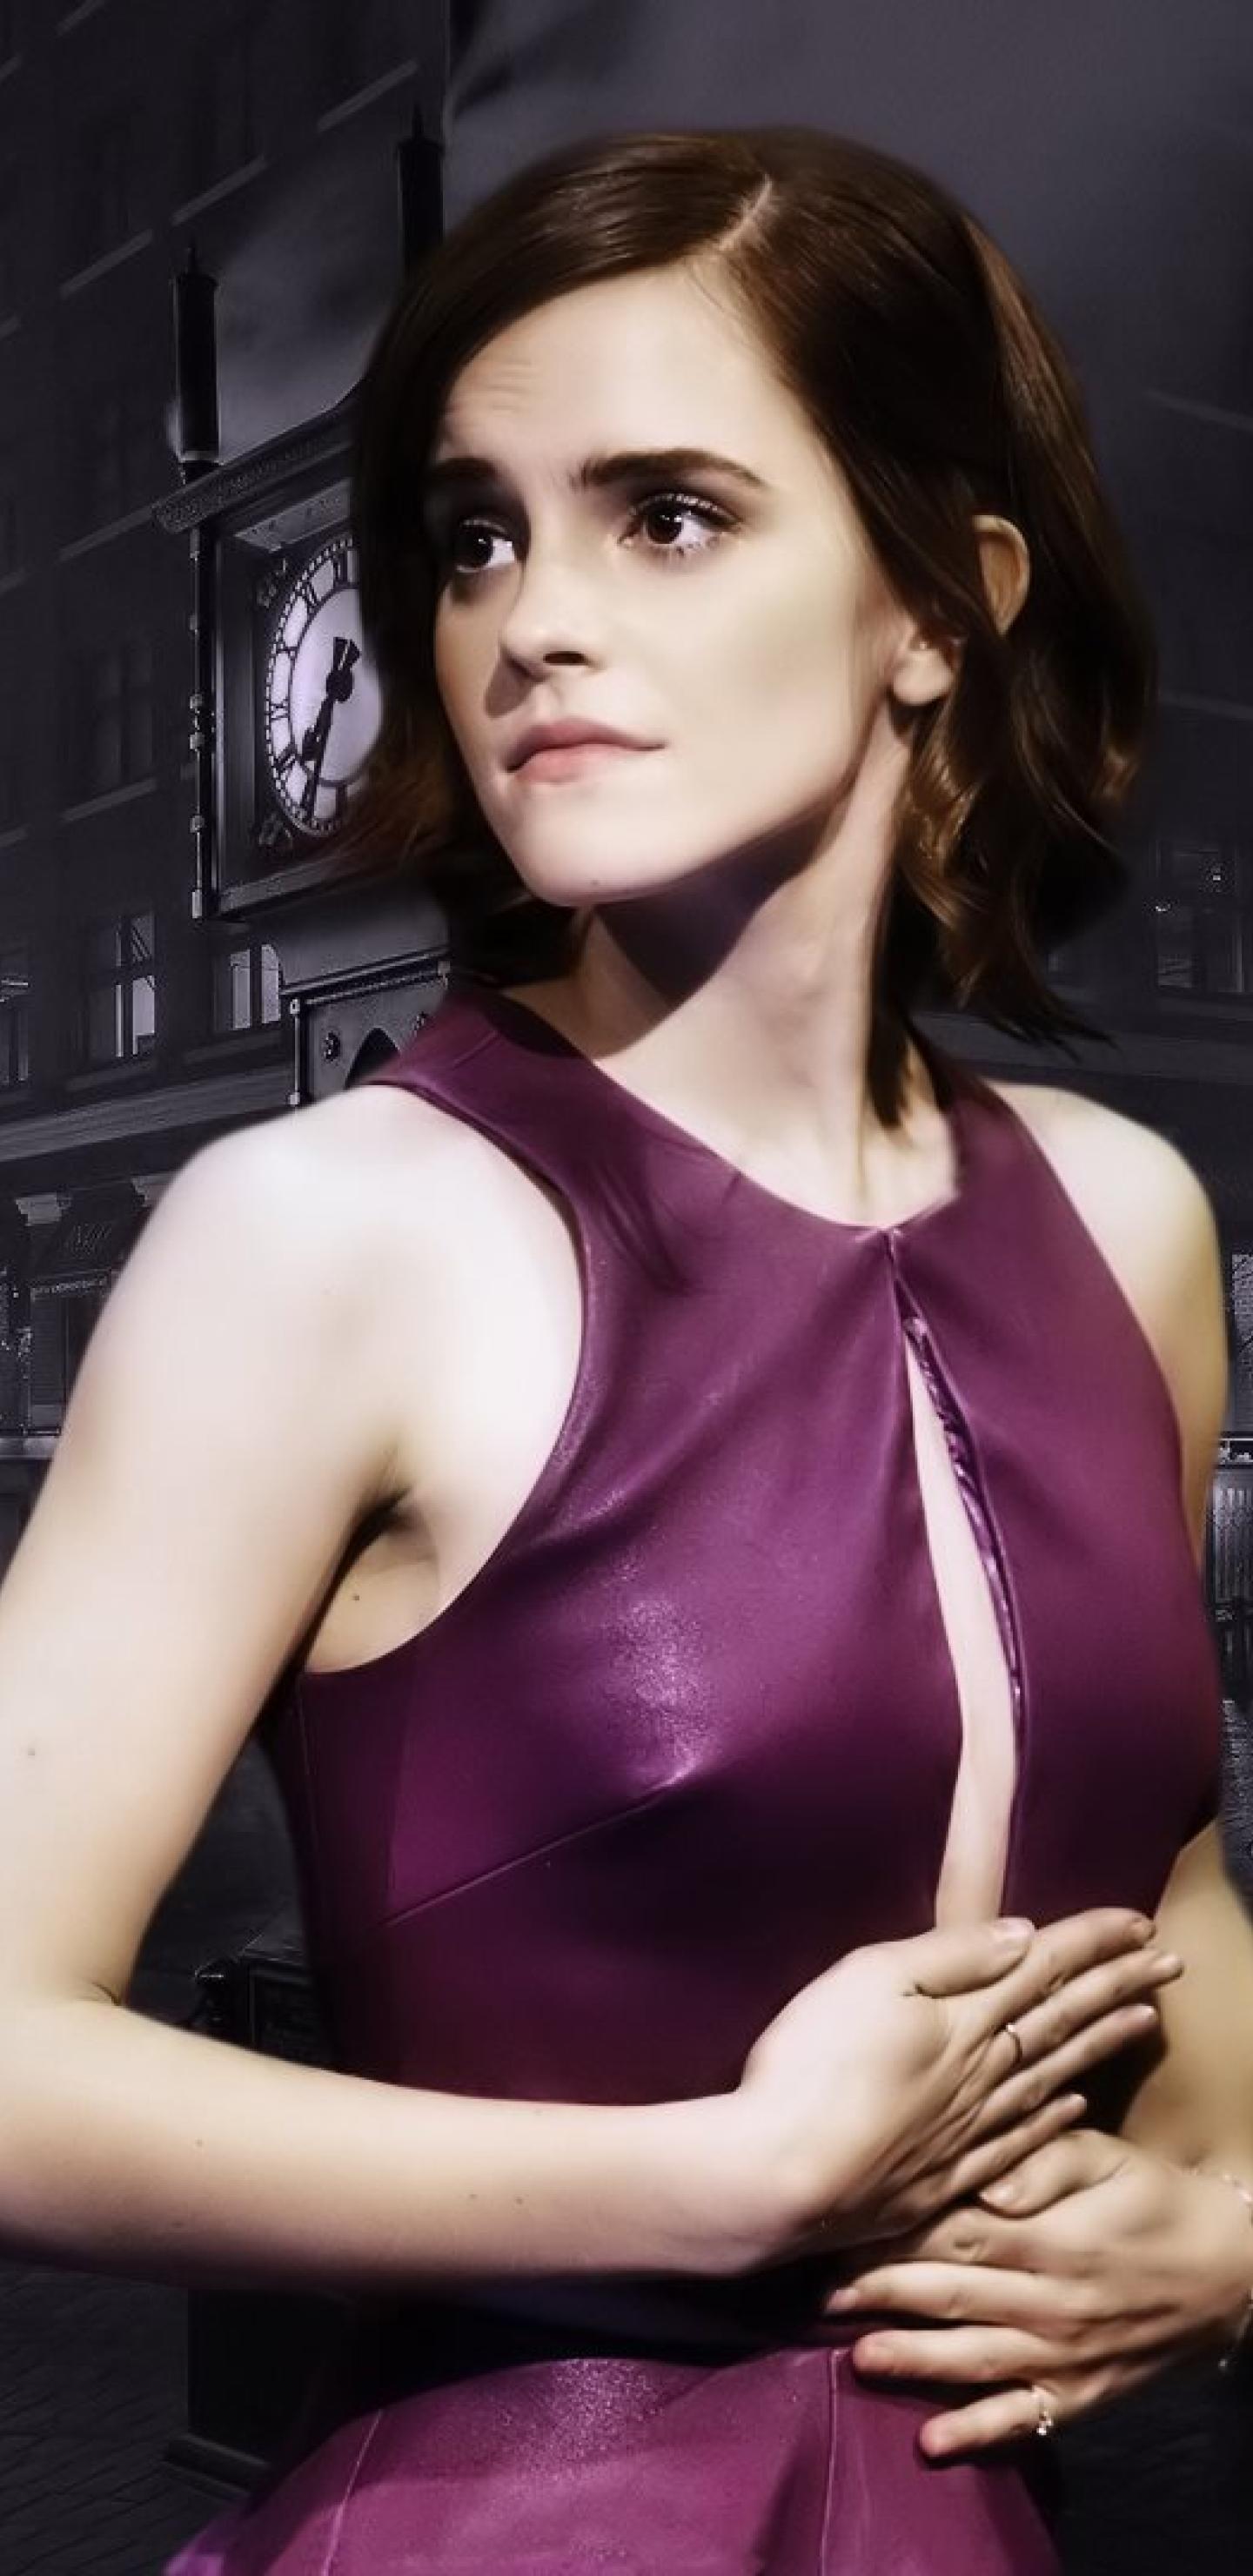 Emma Watson Elle 8k, HD Celebrities, 4k Wallpapers, Images